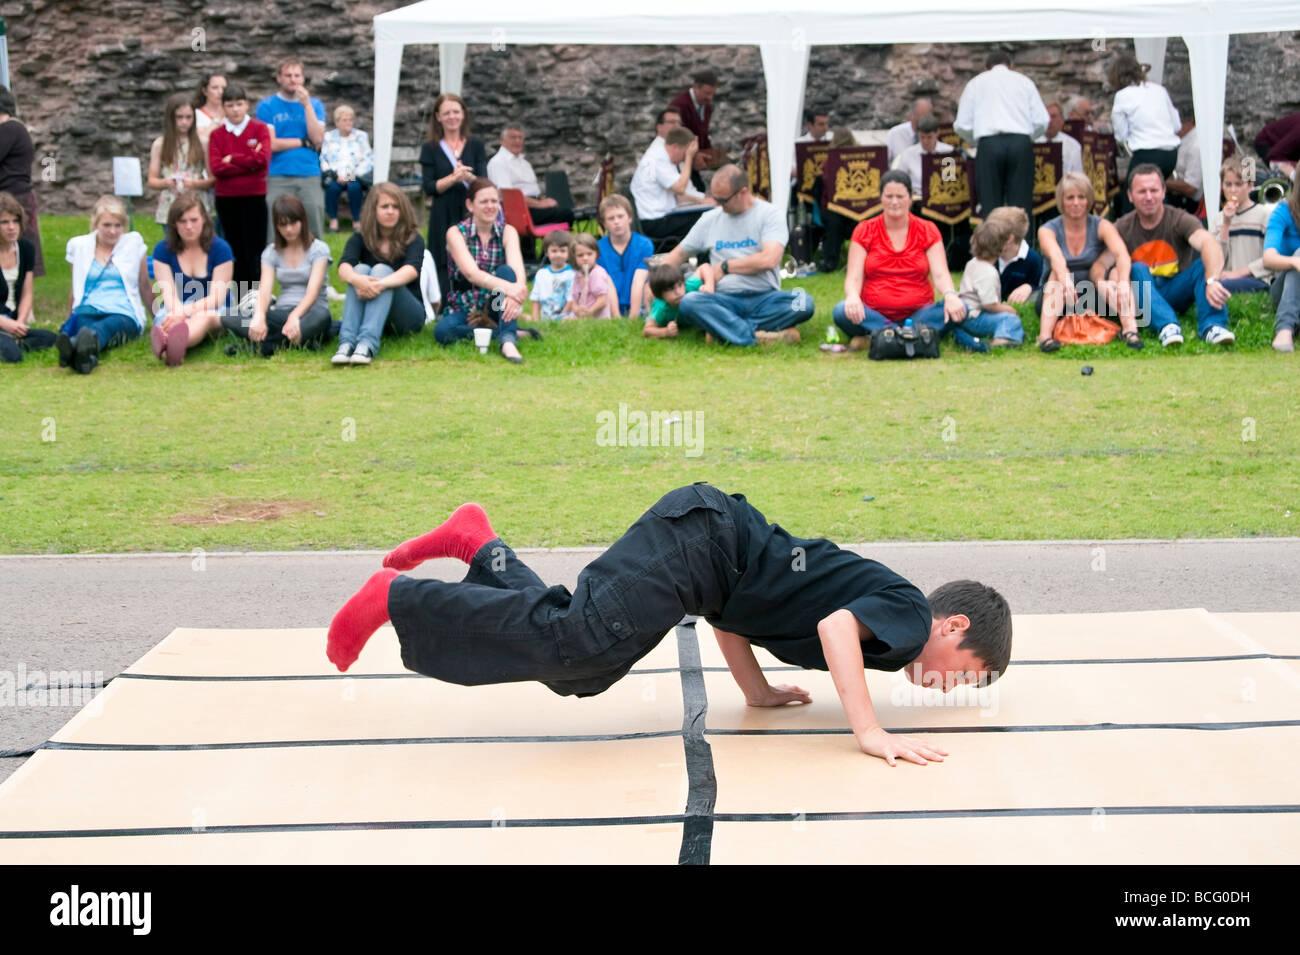 Junge Breakdance bei Skenfrith Spaß Tag. Straße Tänzerin das Publikum unterhalten. Spaß & Stockbild